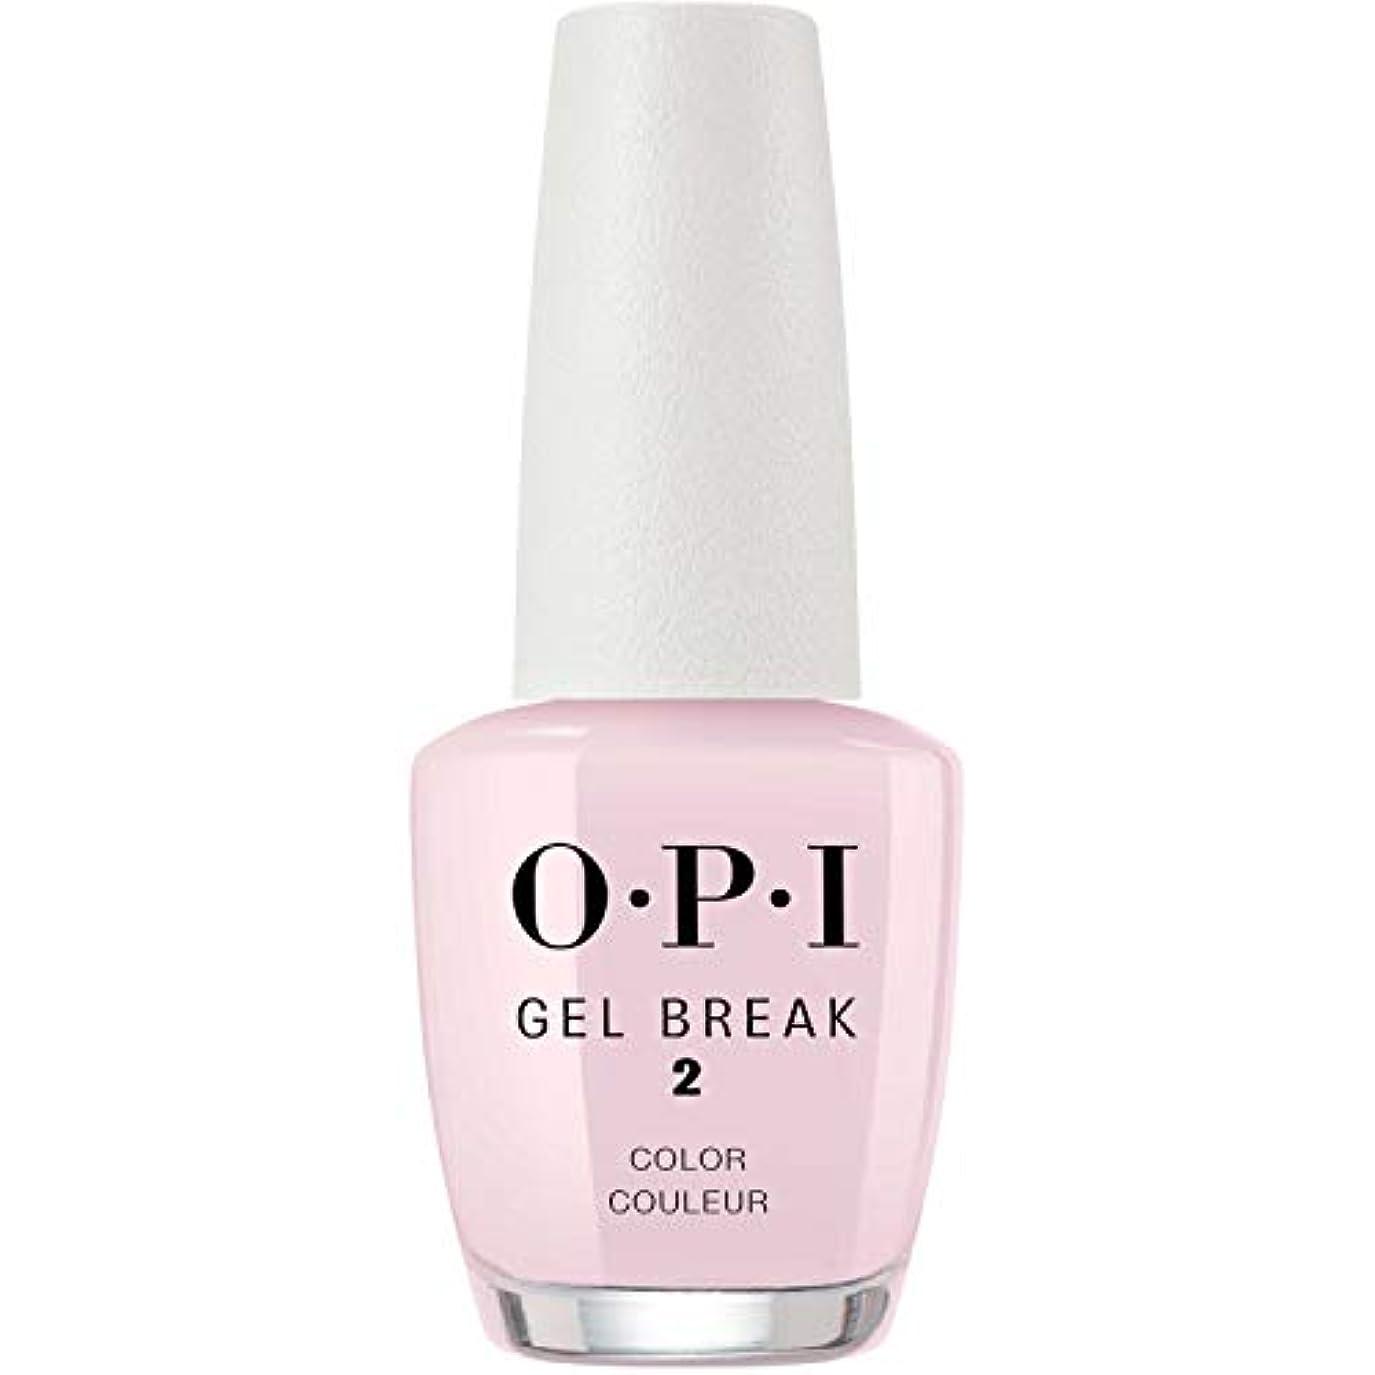 エスカレートレッスン田舎者OPI(オーピーアイ) ジェルブレイク NTR03 プロパリー ピンク